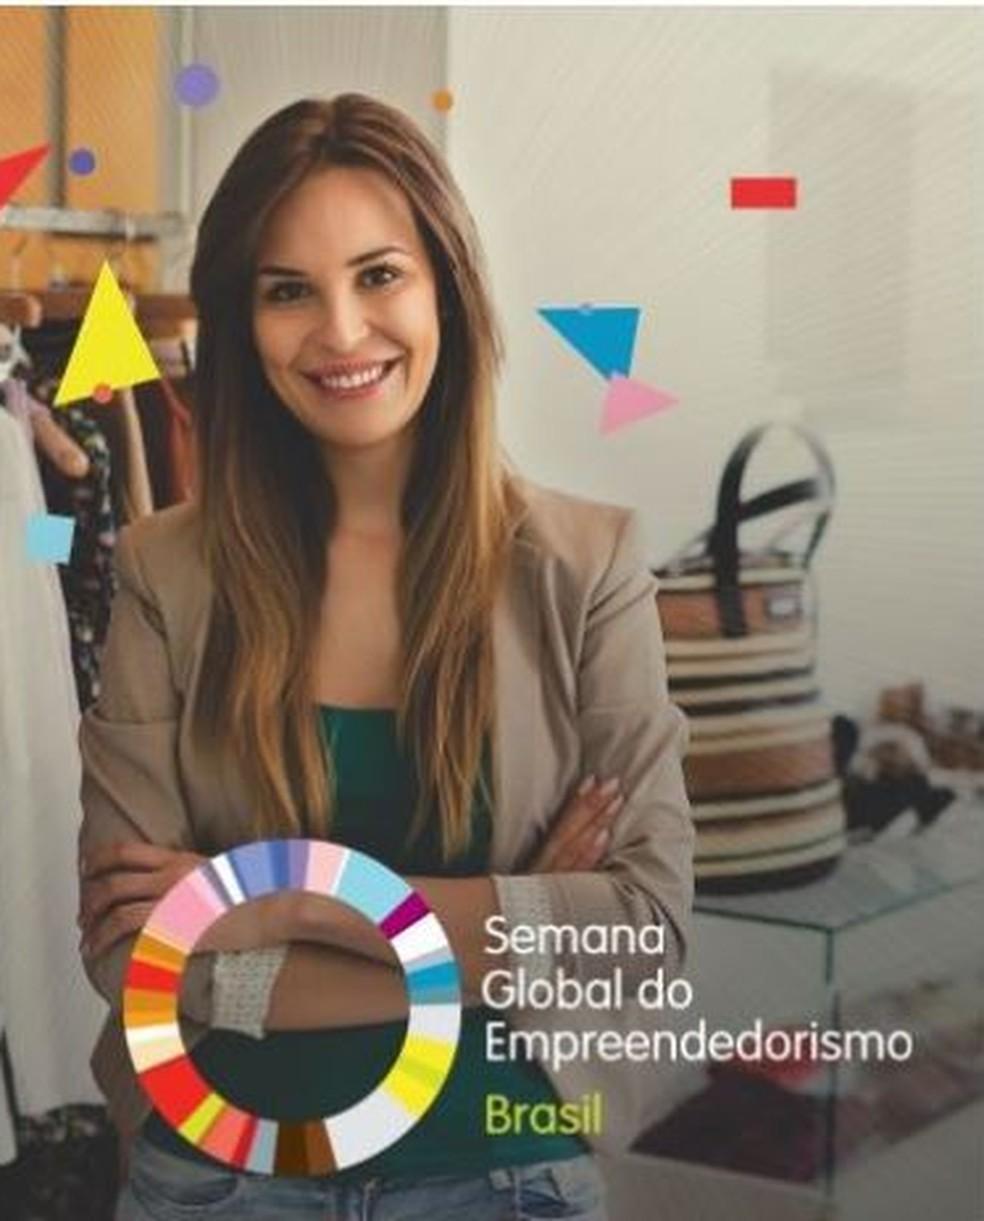 Semana Global do Empreendedorismo — Foto: Assessoria/Divulgação